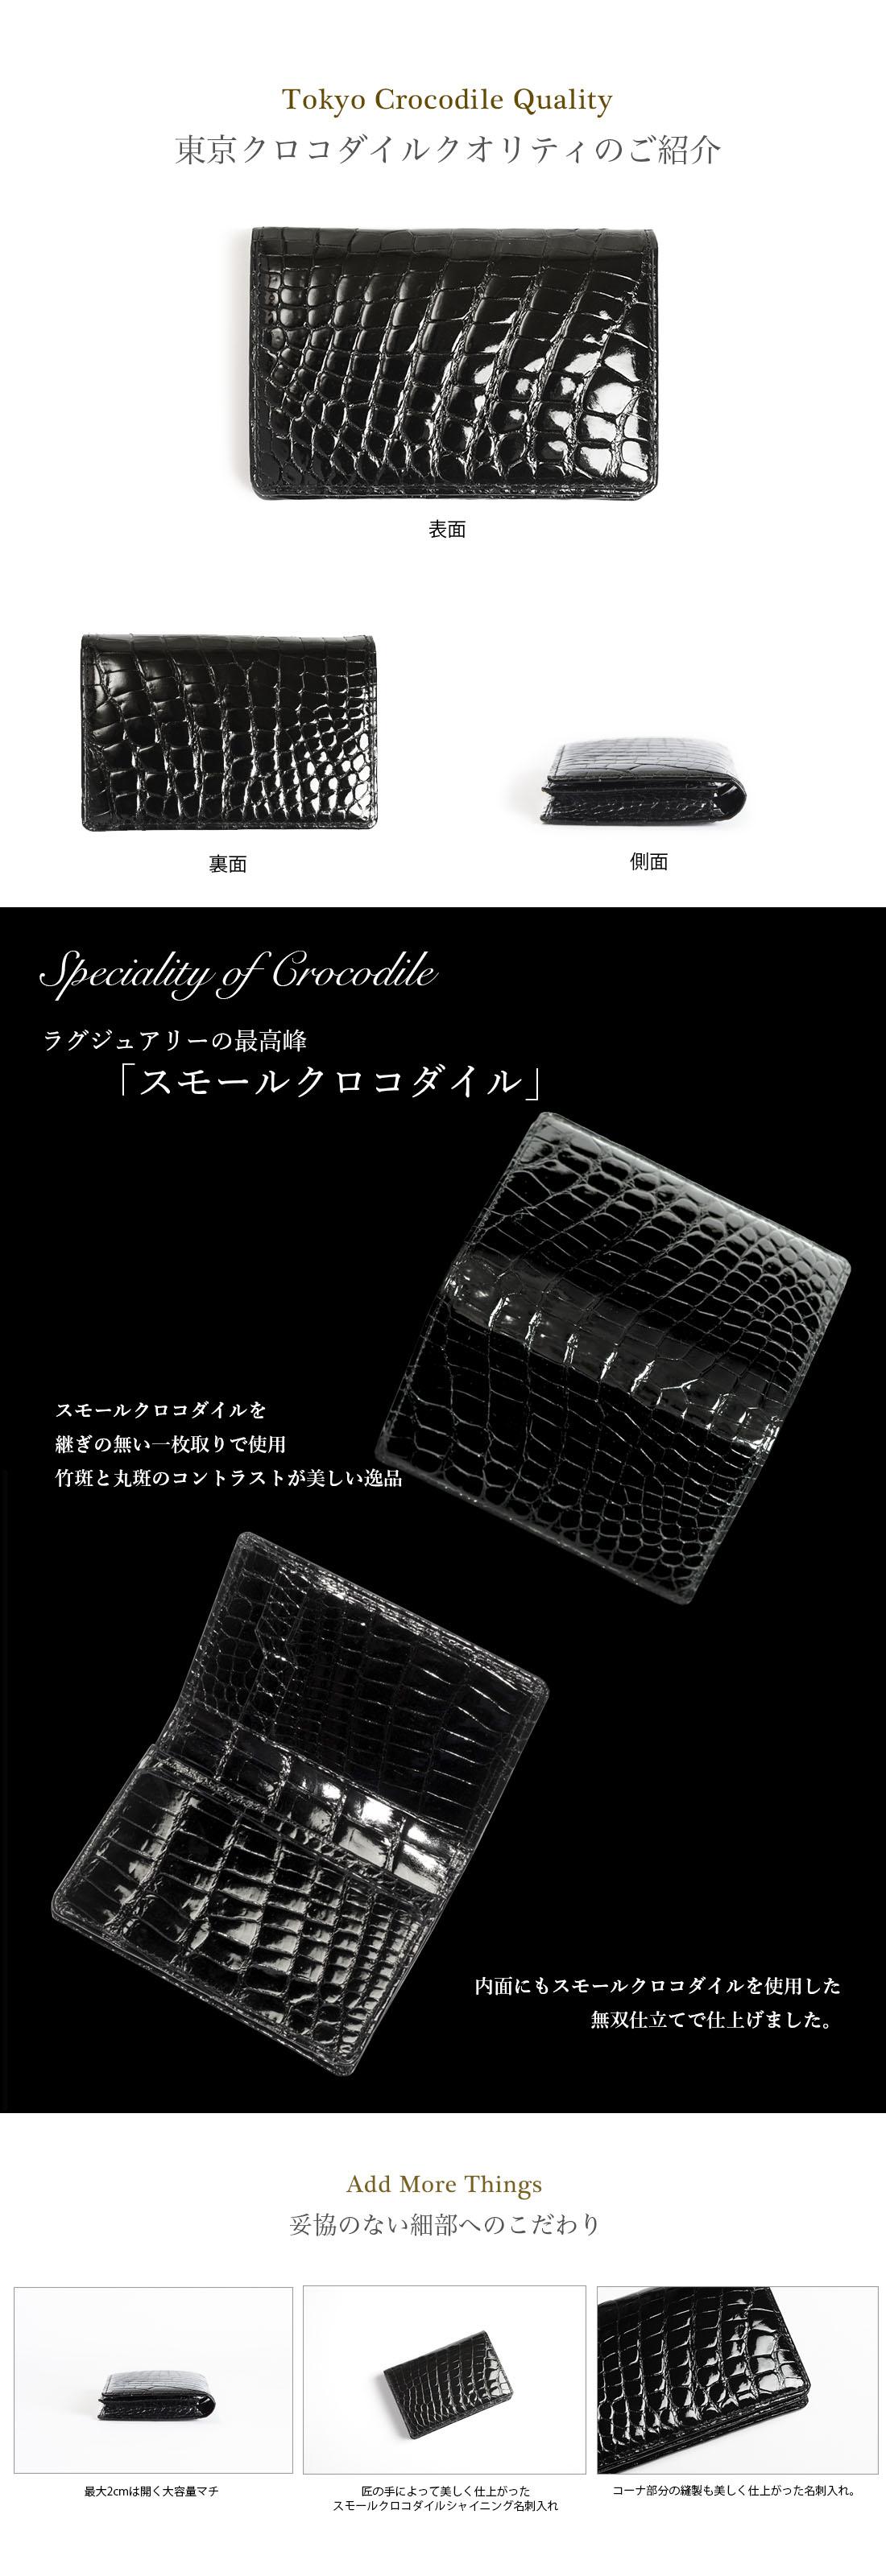 クロコダイル シャイニング 名刺入れ メンズ レディース ユニセックス プレゼント ブランド